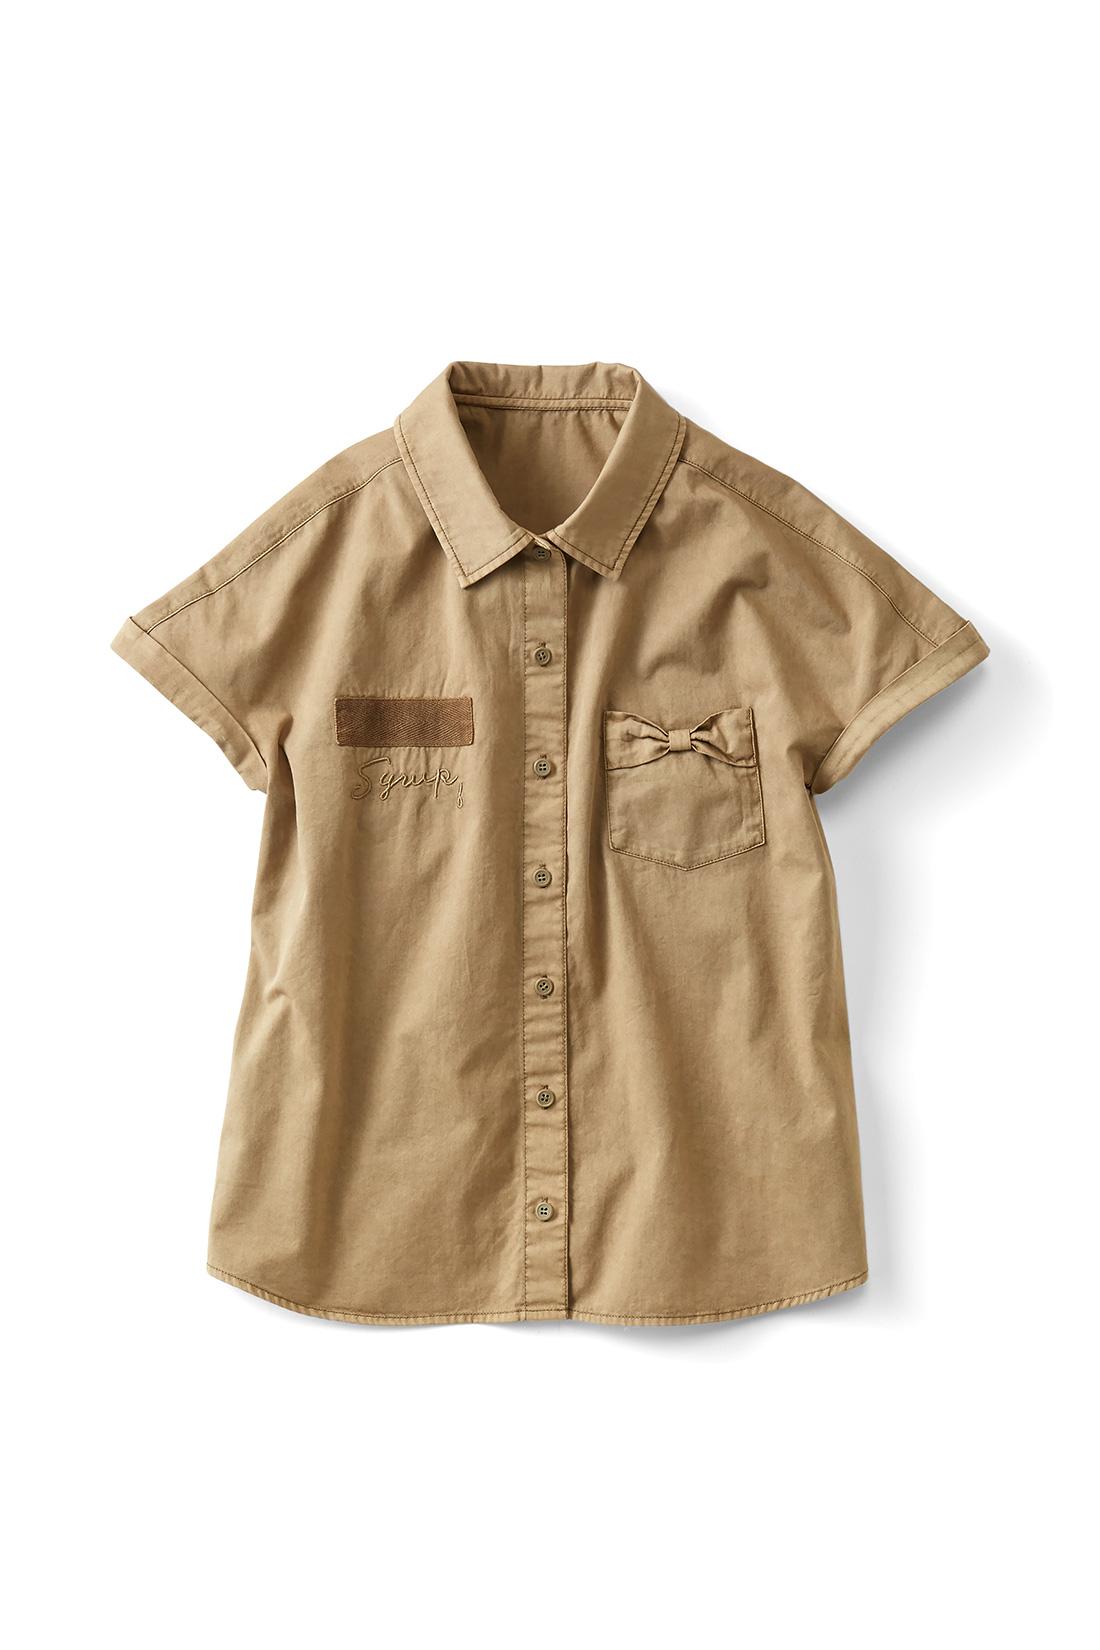 Tシャツの上からはおってもかわいい。